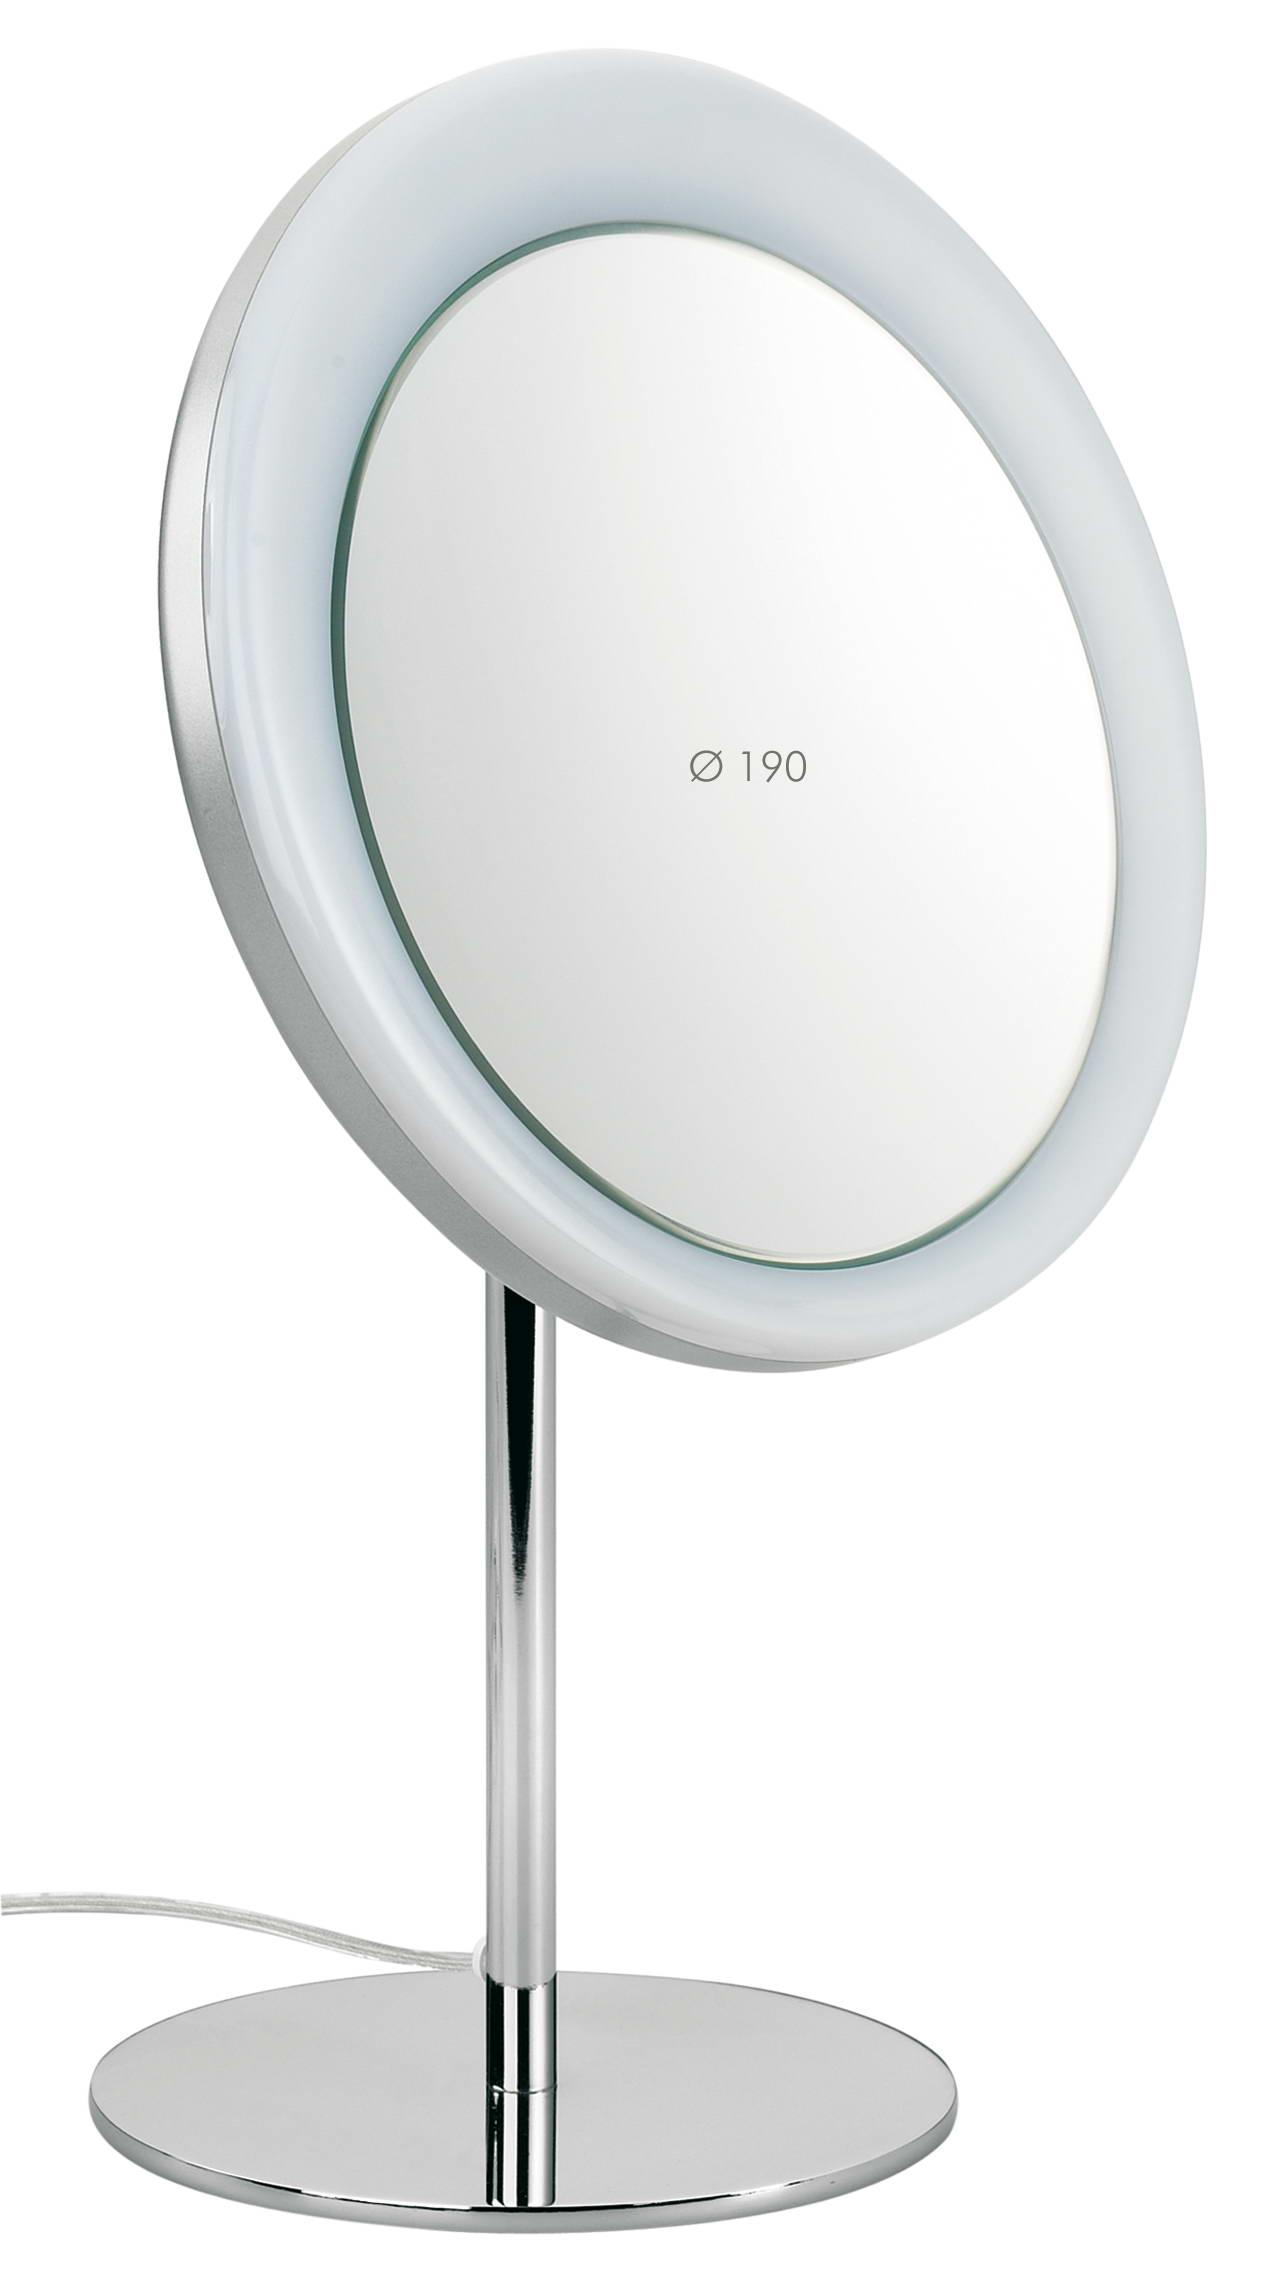 Specchio da toeletta da appoggio ingrandimento x3 diametro - Specchio ingrandimento ...